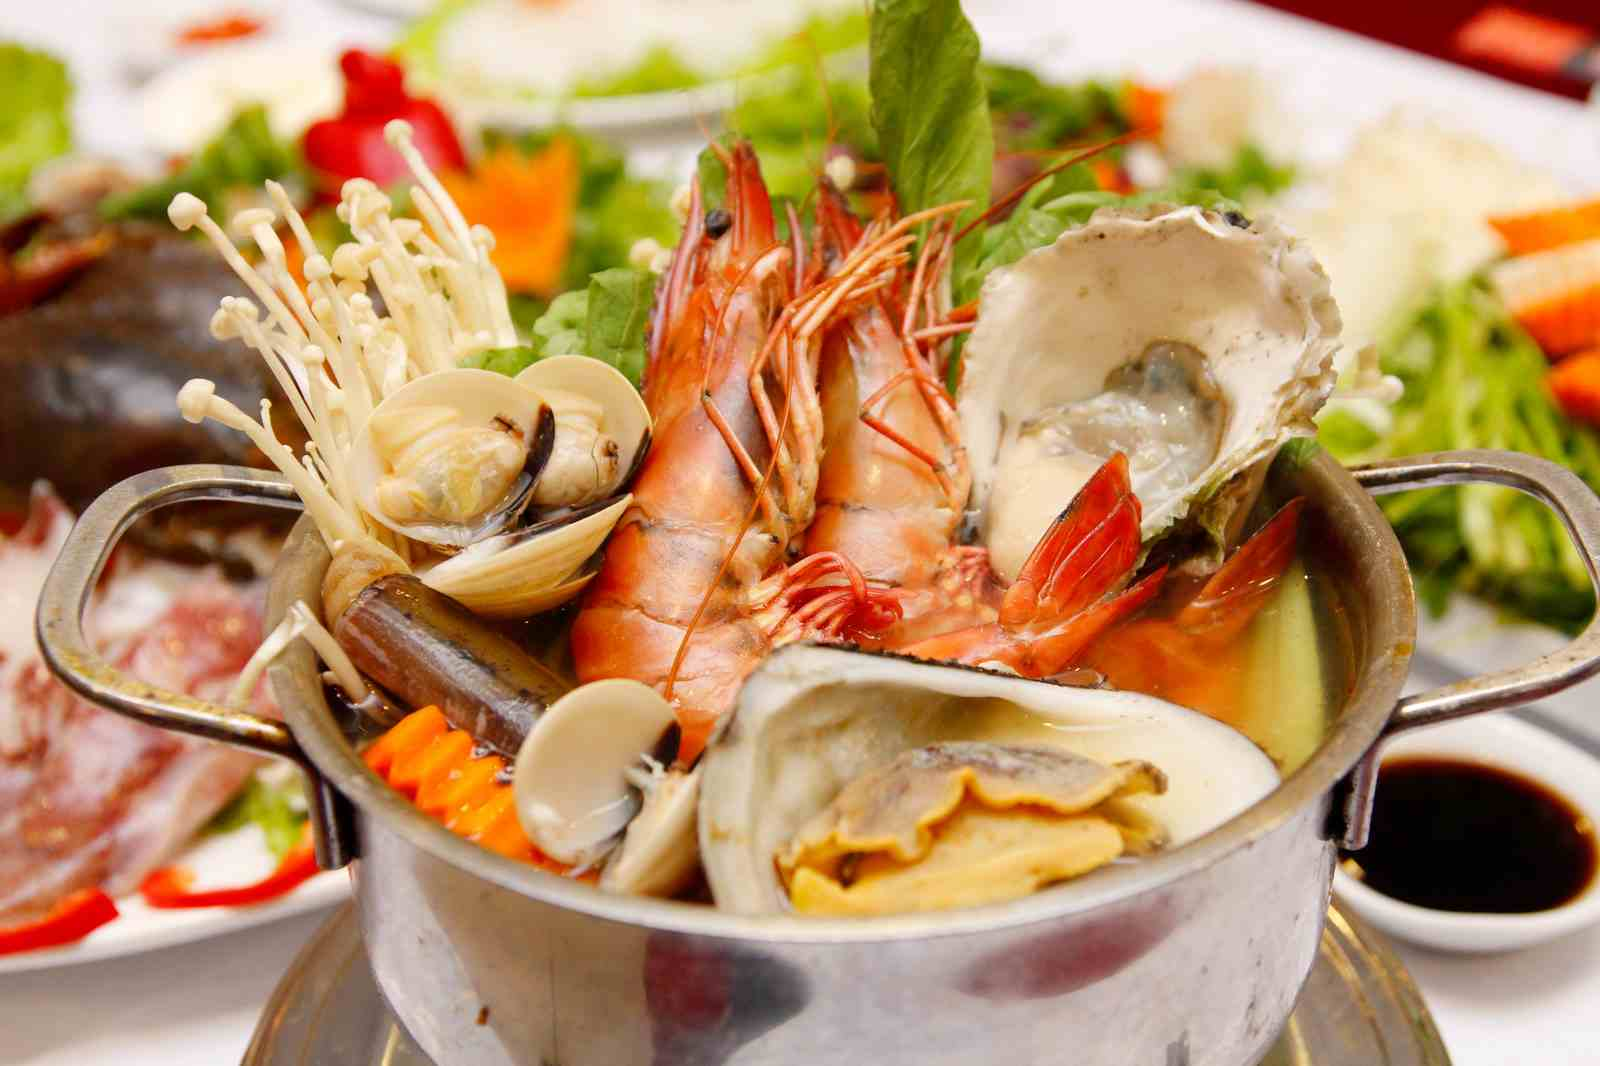 Sai lầm tai hại khi ăn hải sản và cách ăn hải sản an toàn, tốt nhất cho sức khỏe - 1